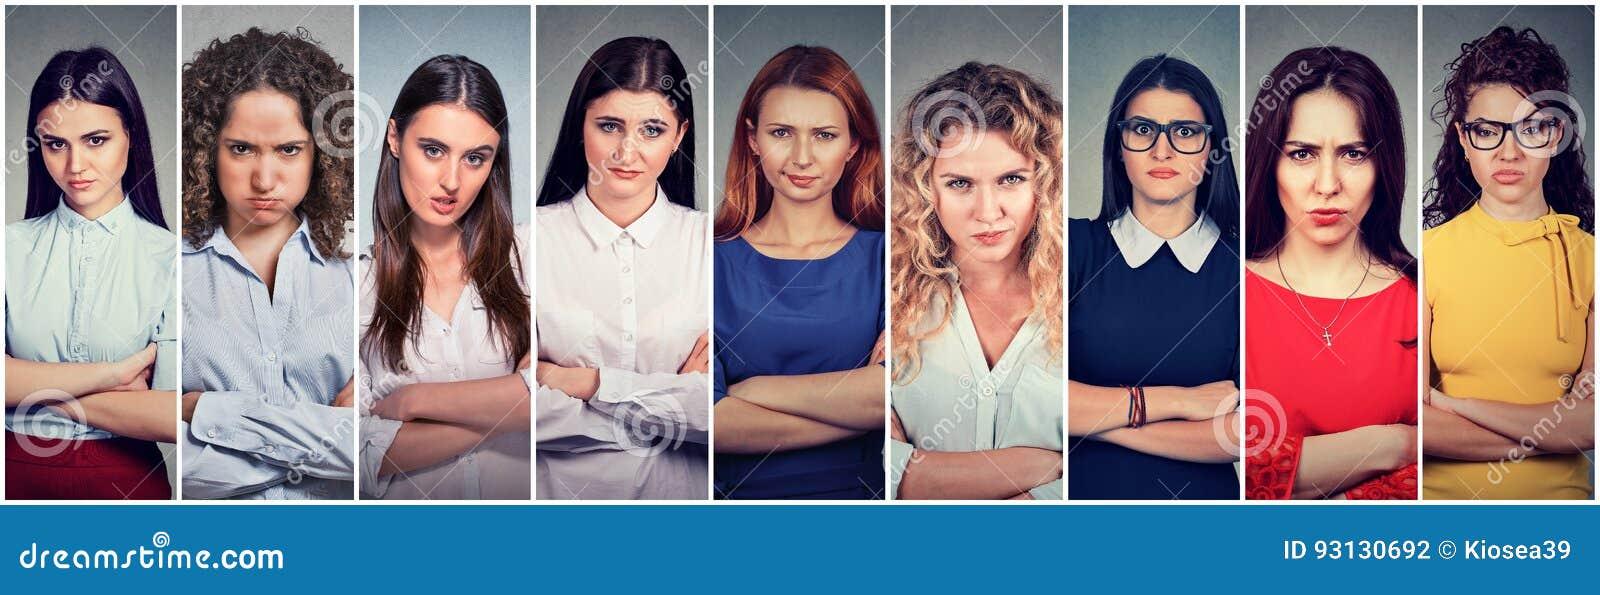 Verärgerte mürrische Gruppe pessimistische Frauen mit schlechter Haltung